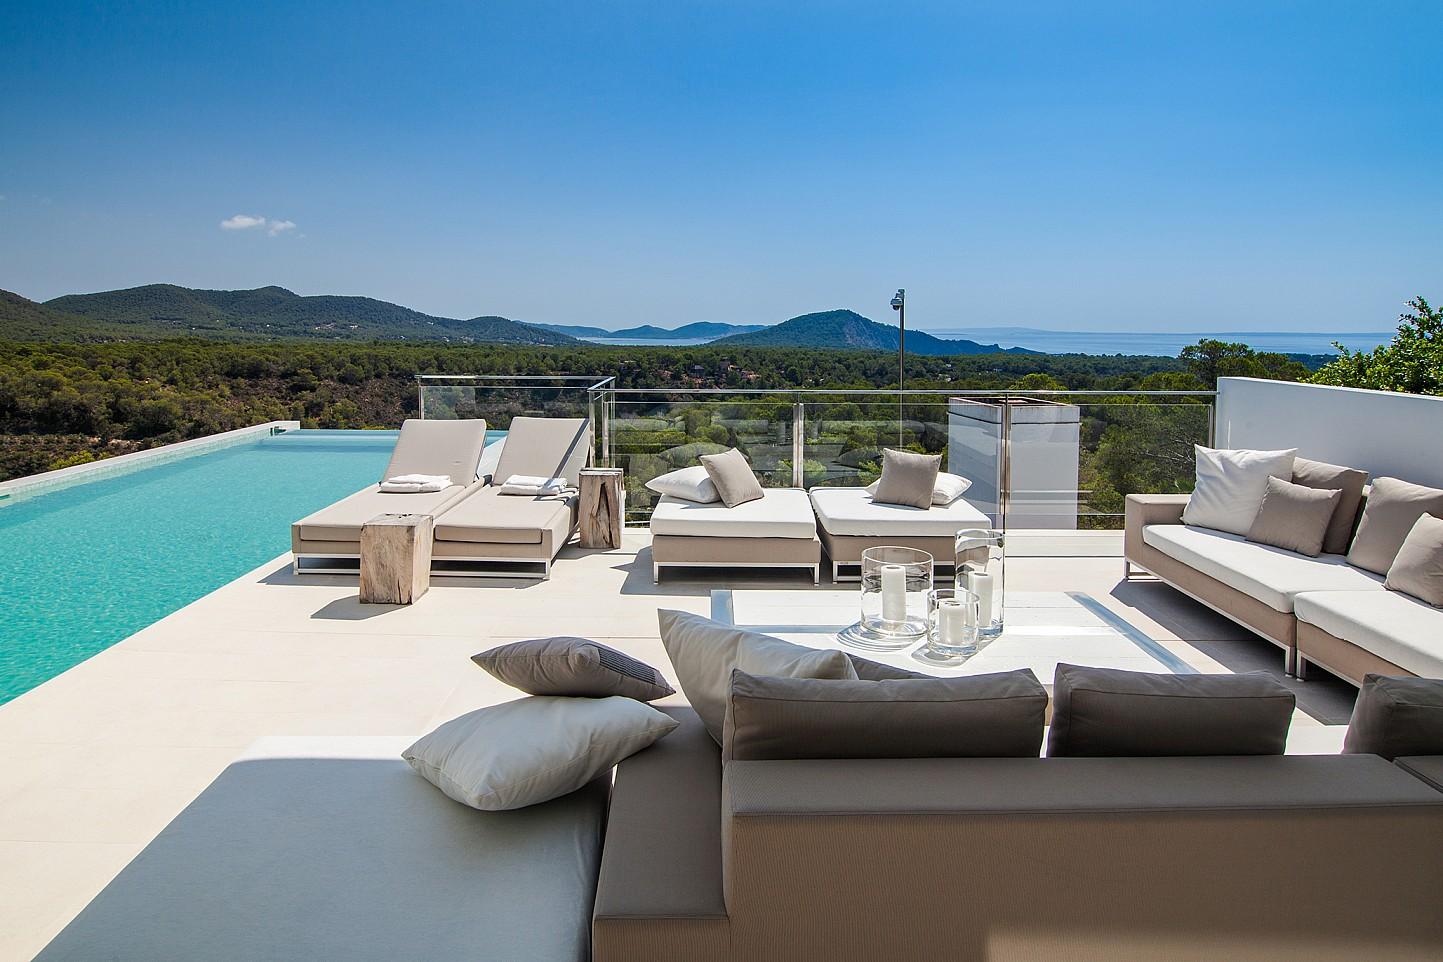 Magnífica terrassa al costat de la piscina amb bones vistes